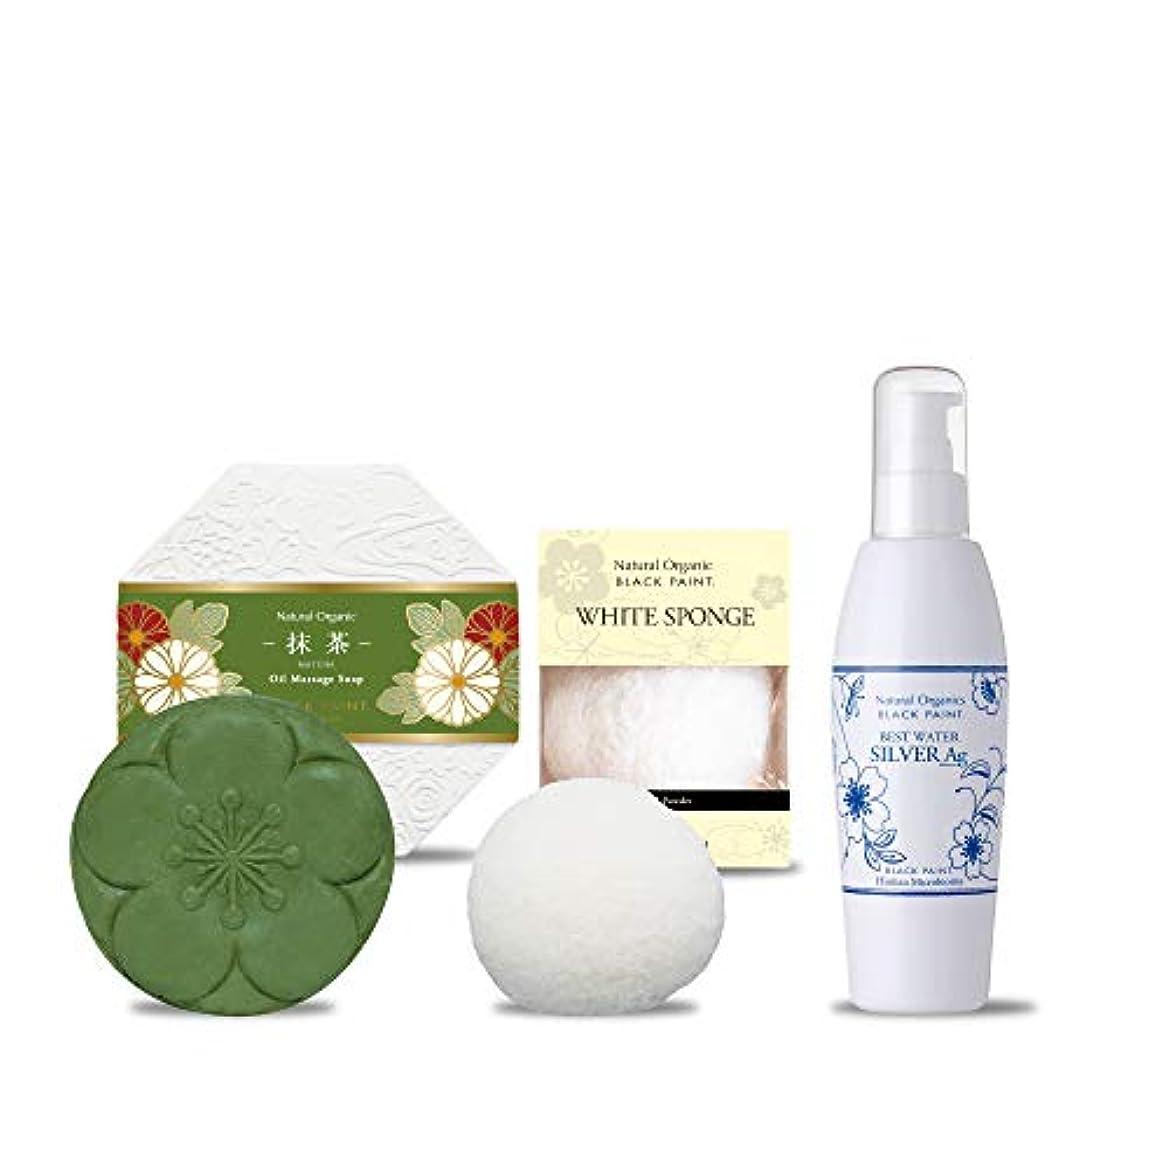 京のお茶石鹸 抹茶120g&ホワイトスポンジ&プレミアムベストウォーターシルバーAg100ml スキンケア洗顔セット